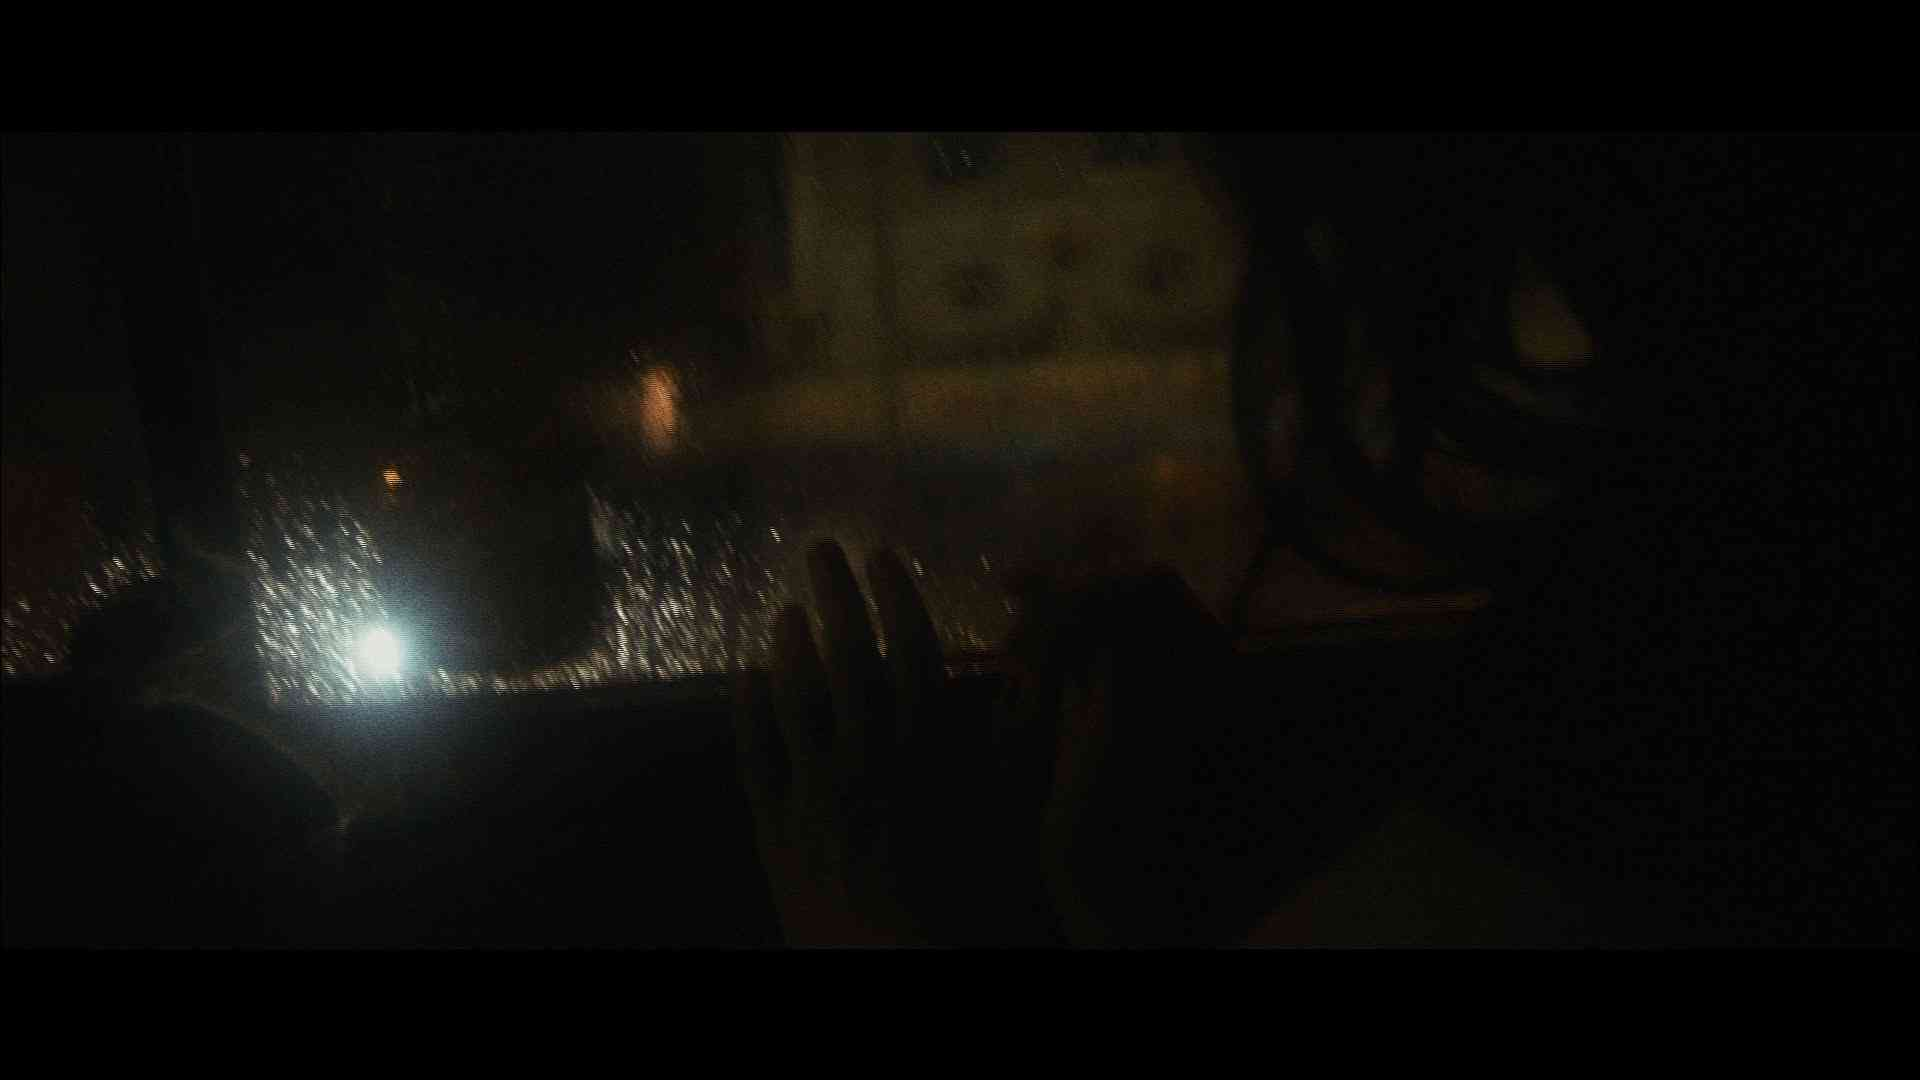 Aimer 『Falling Alone』※Taka(ONE OK ROCK)楽曲提供&プロデュース  9/21発売new album「daydream」収録 - YouTube